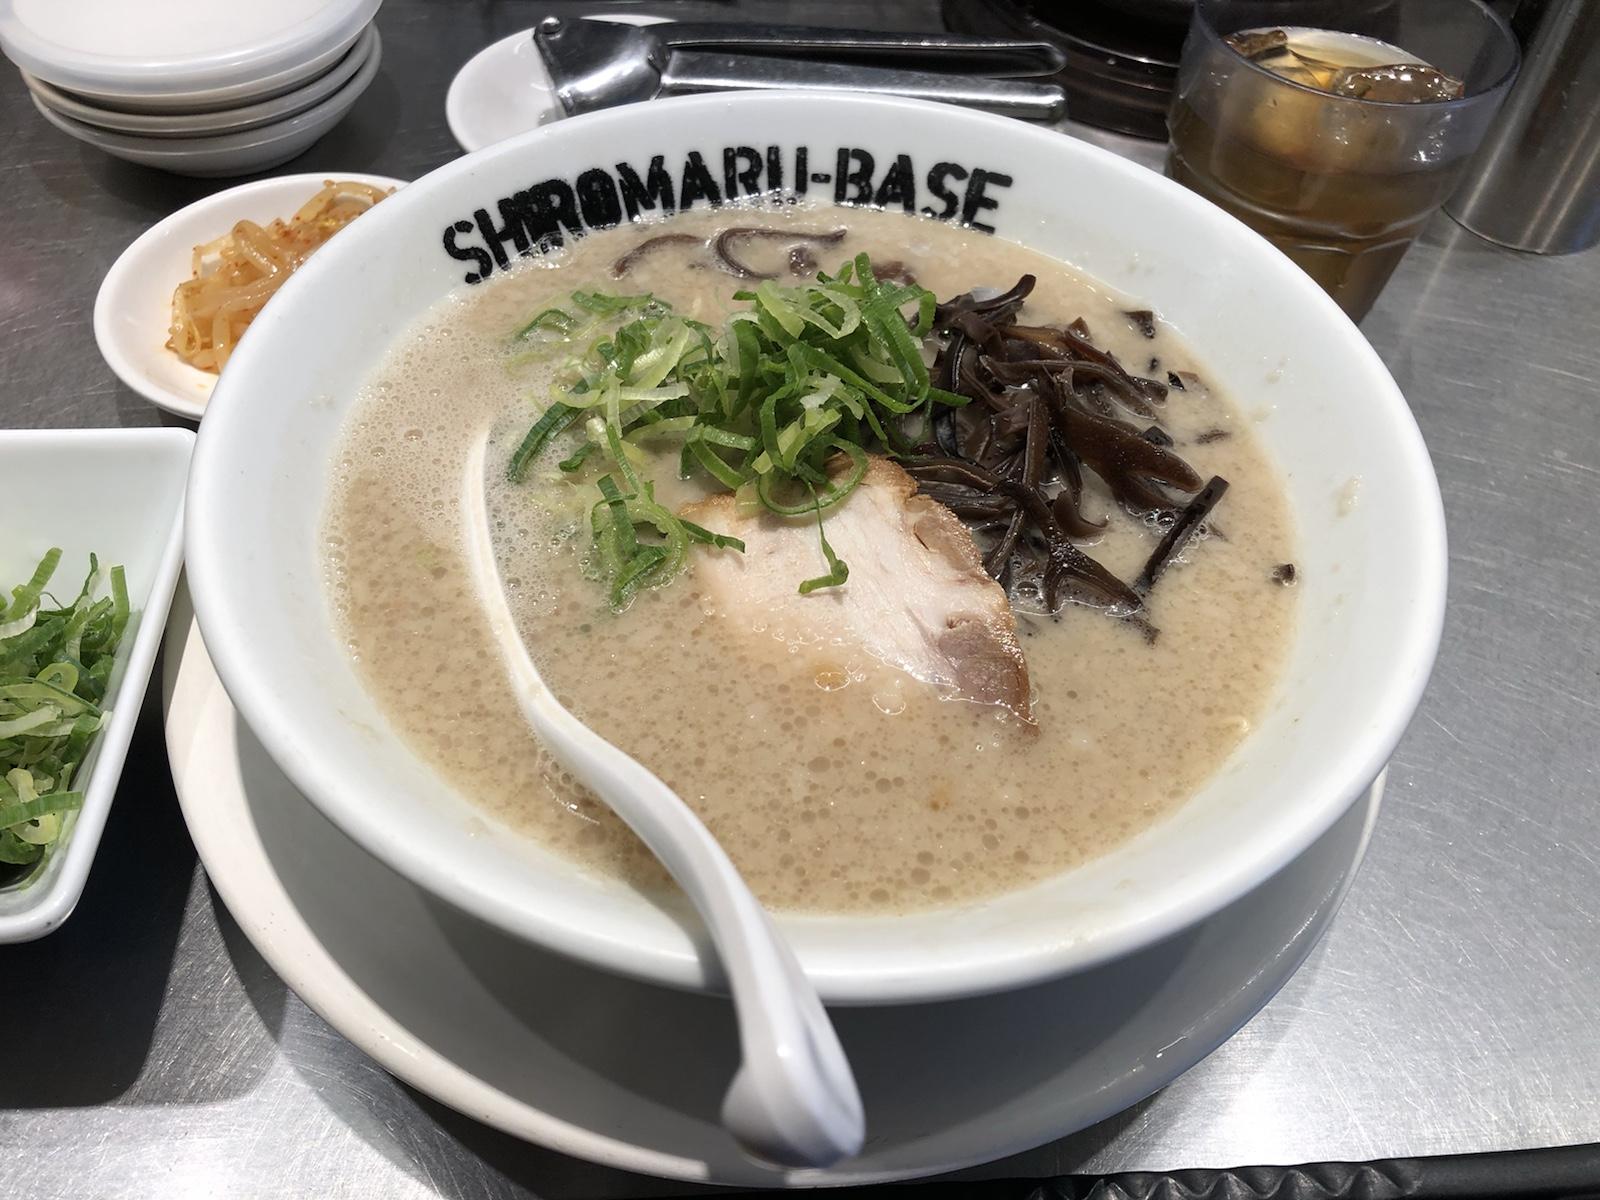 旨味たっぷり特濃スープ!創業当時の味「一風堂SHIROMARU BASE」